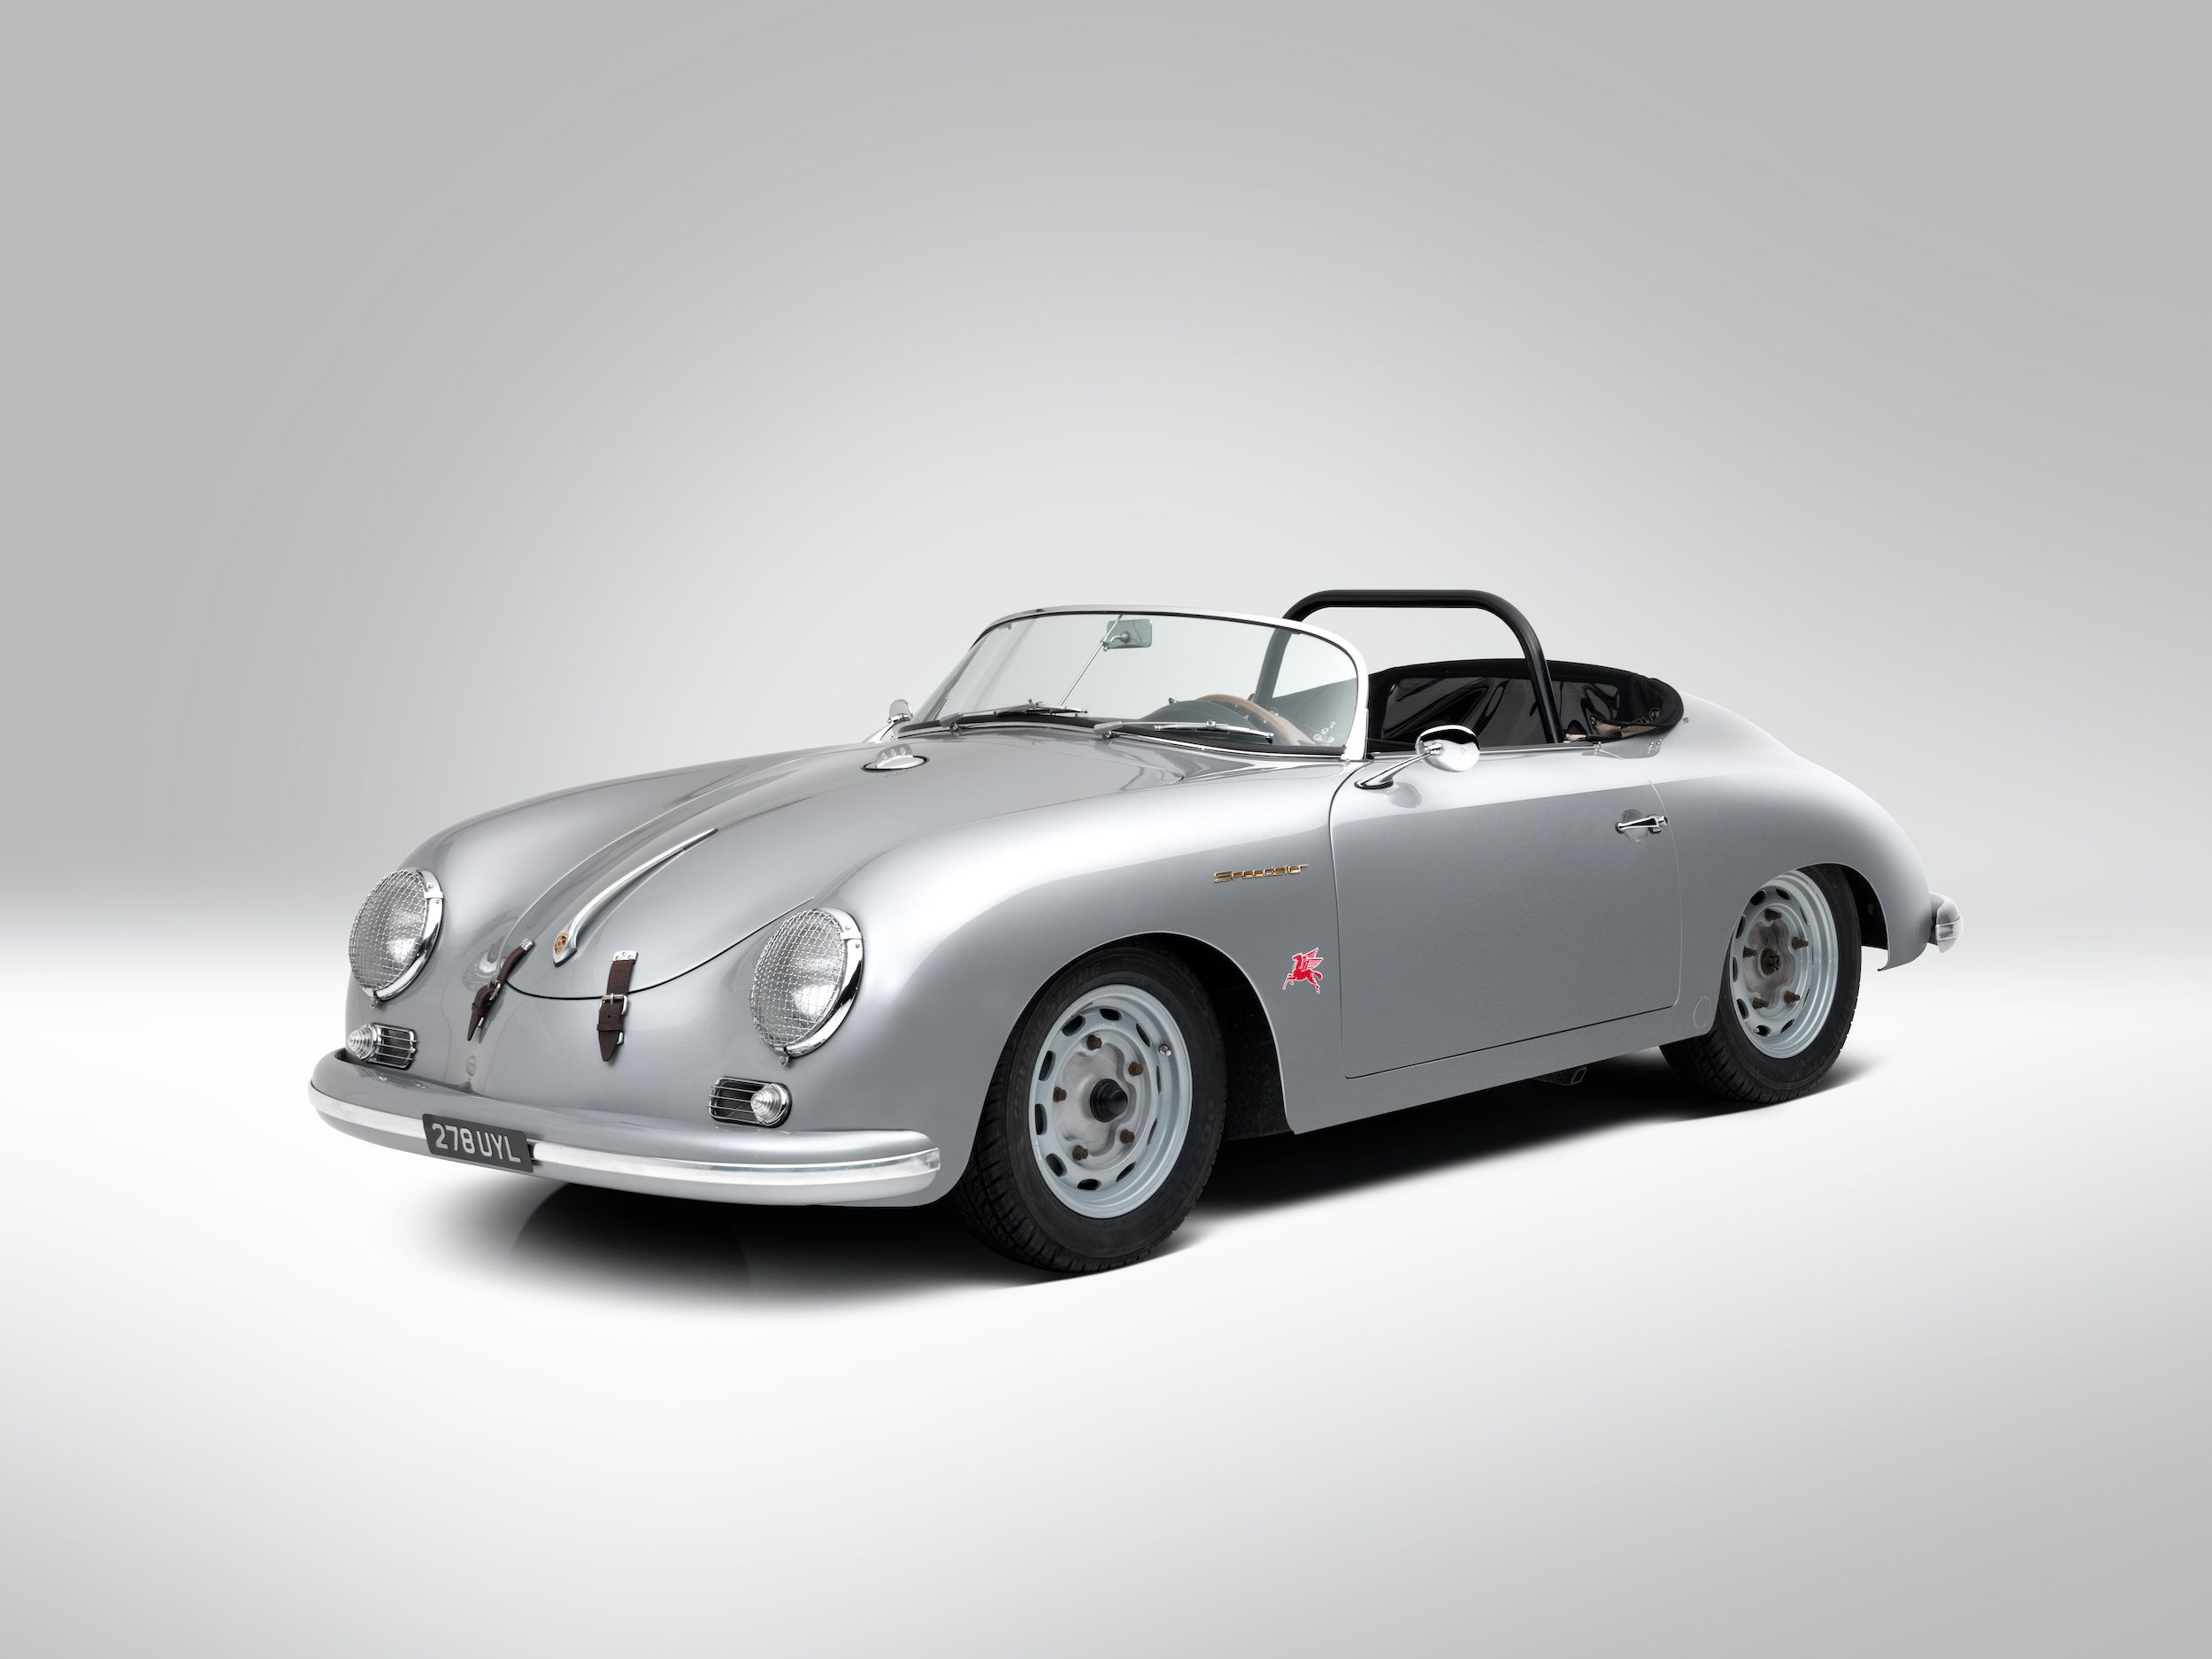 medium resolution of 1958 porsche 356 a 1600 super speedster